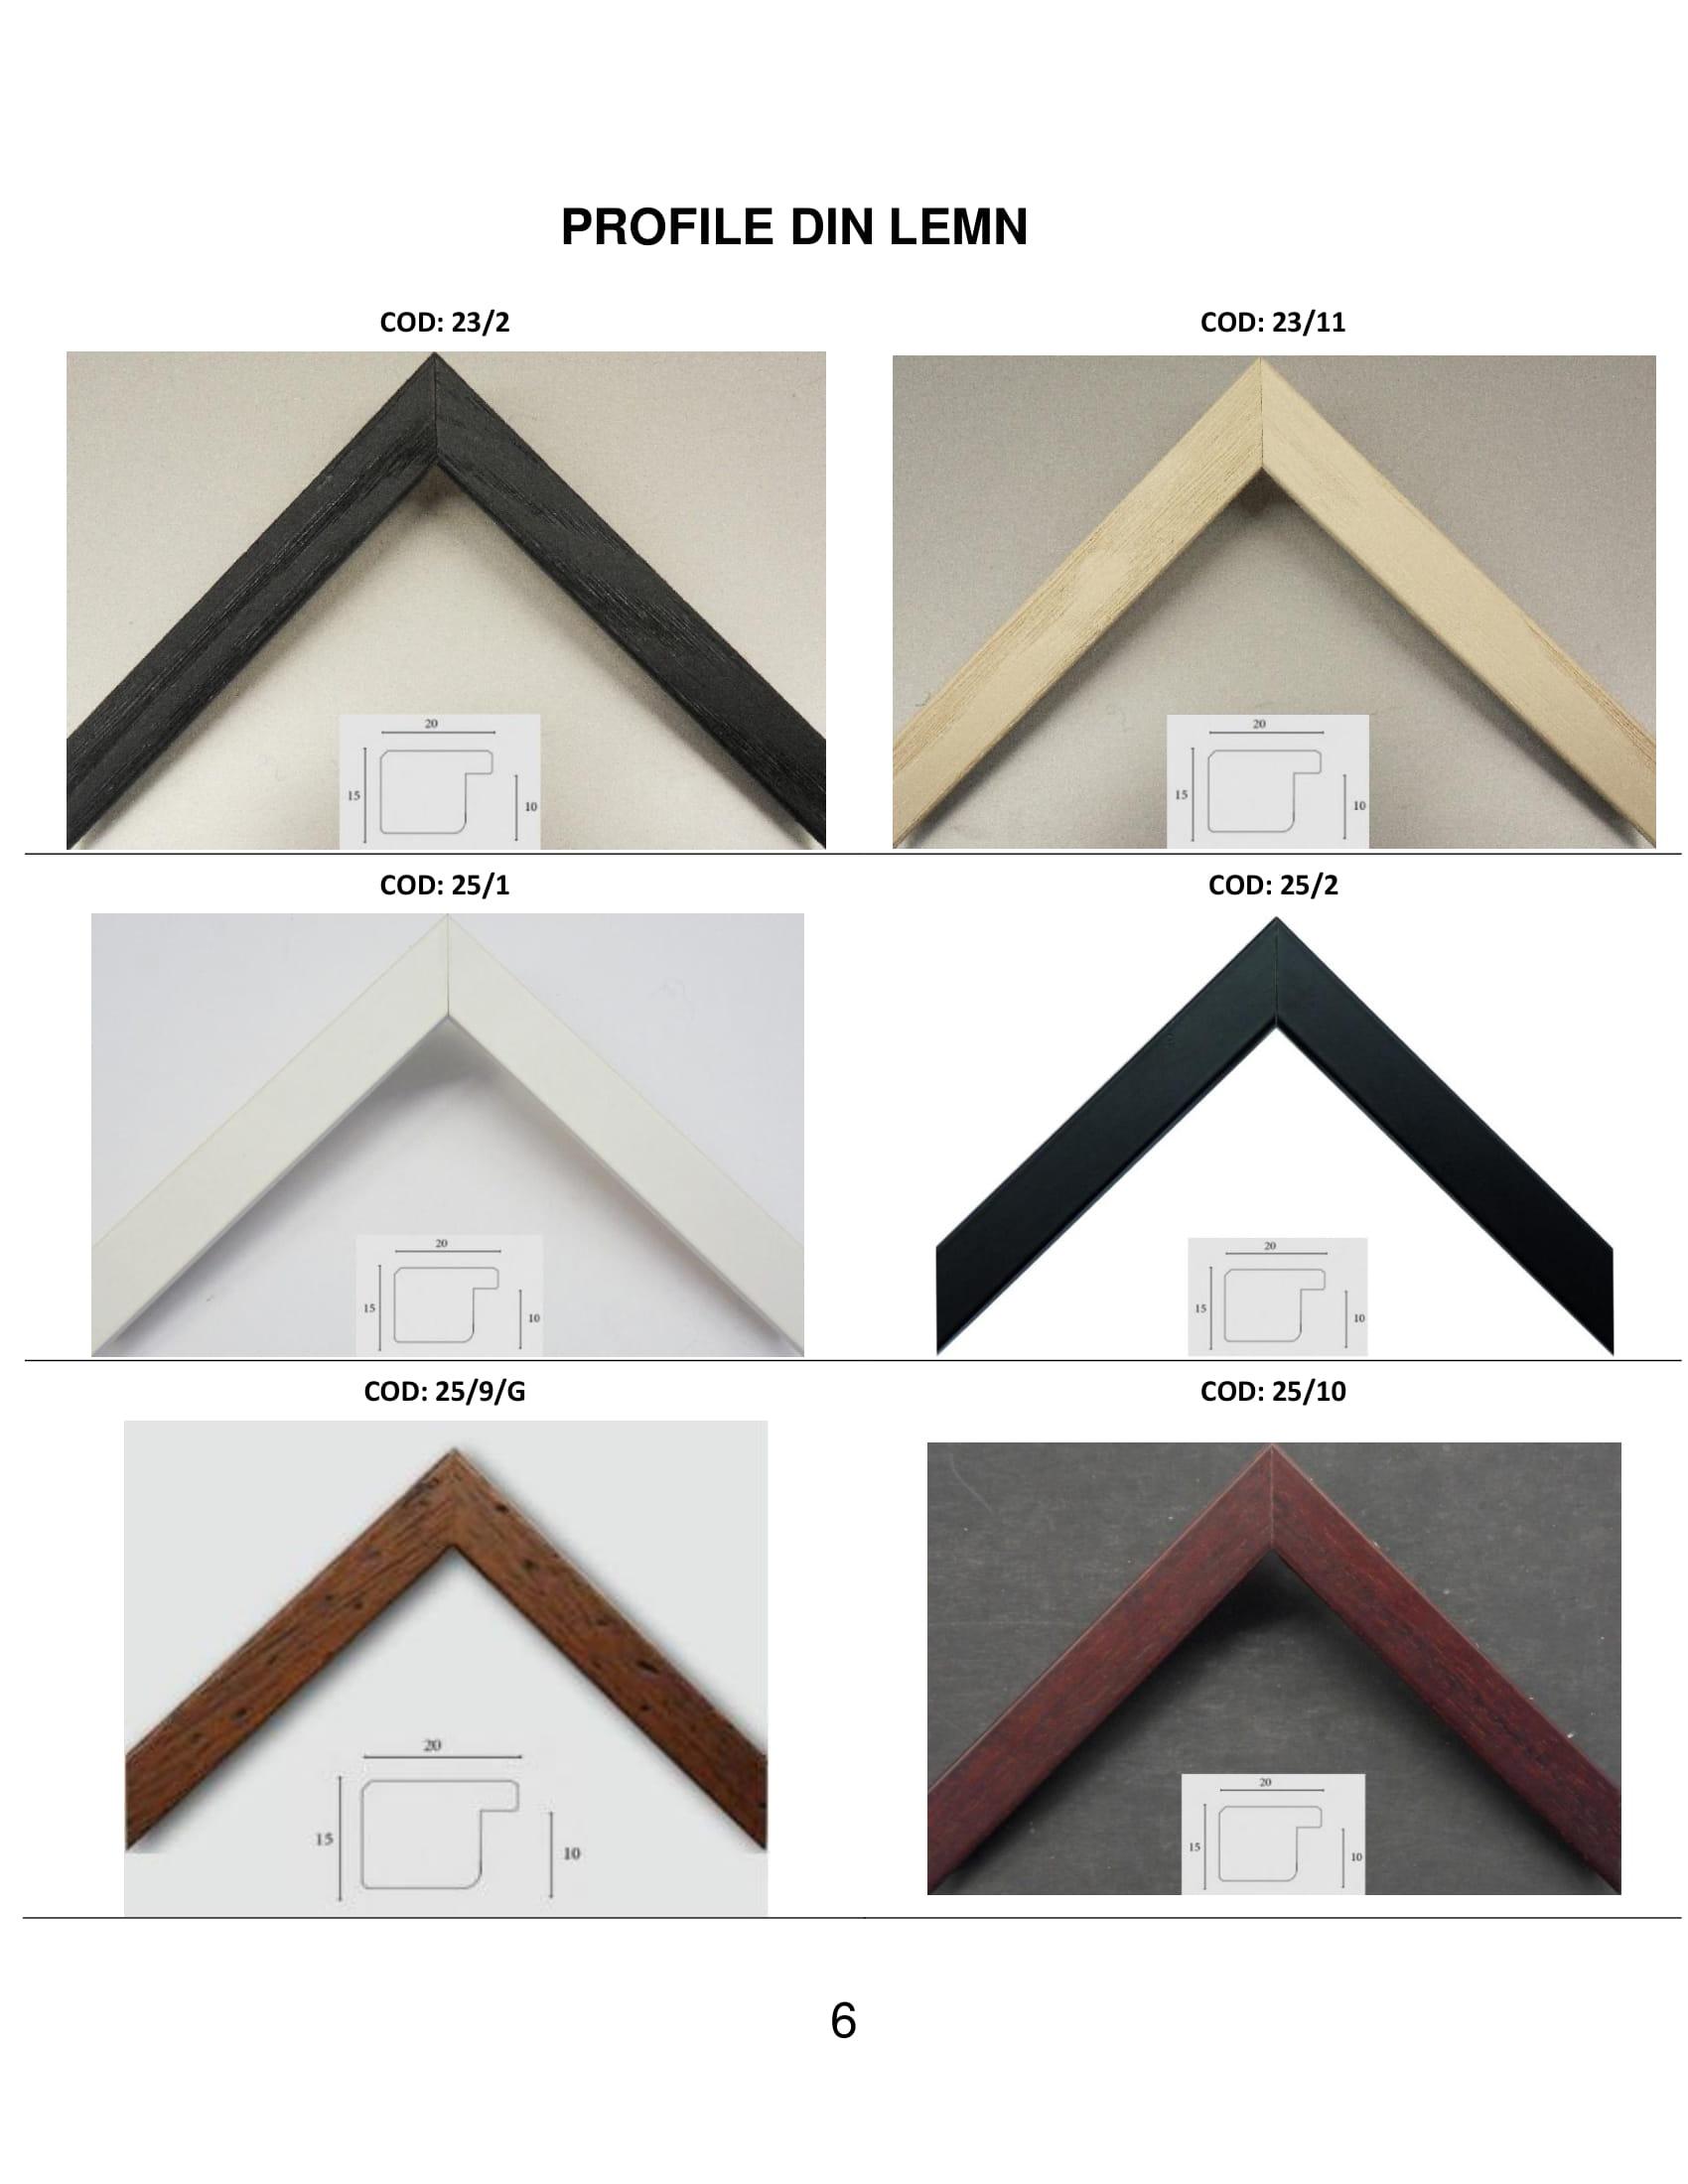 rame profile din lemn - 6